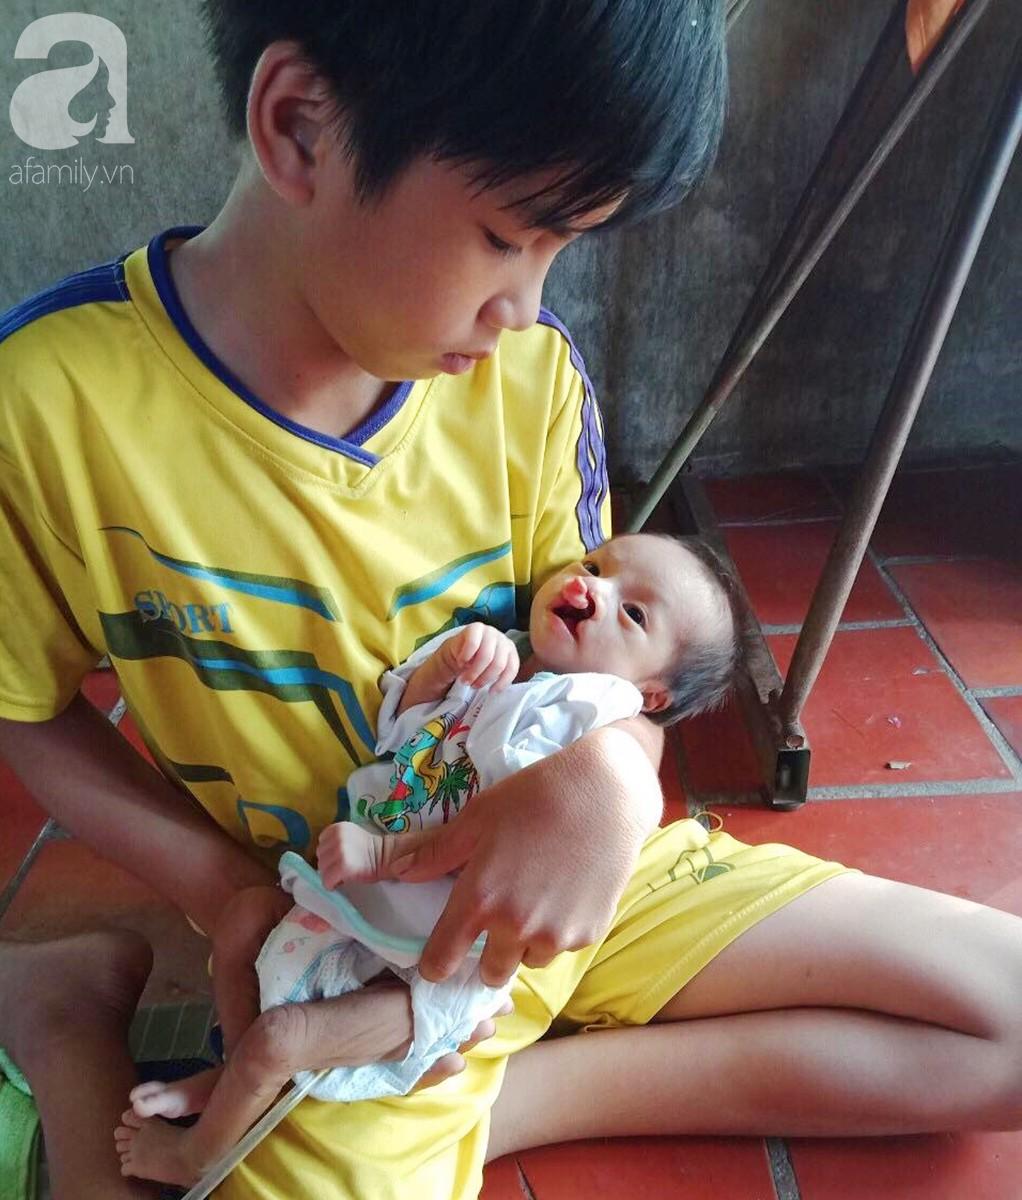 Xót cảnh bé trai 2 tháng tuổi suy dinh dưỡng, nặng chỉ 2 ký mà mẹ nghèo không đủ tiền đưa lên Sài Gòn chữa bệnh - Ảnh 11